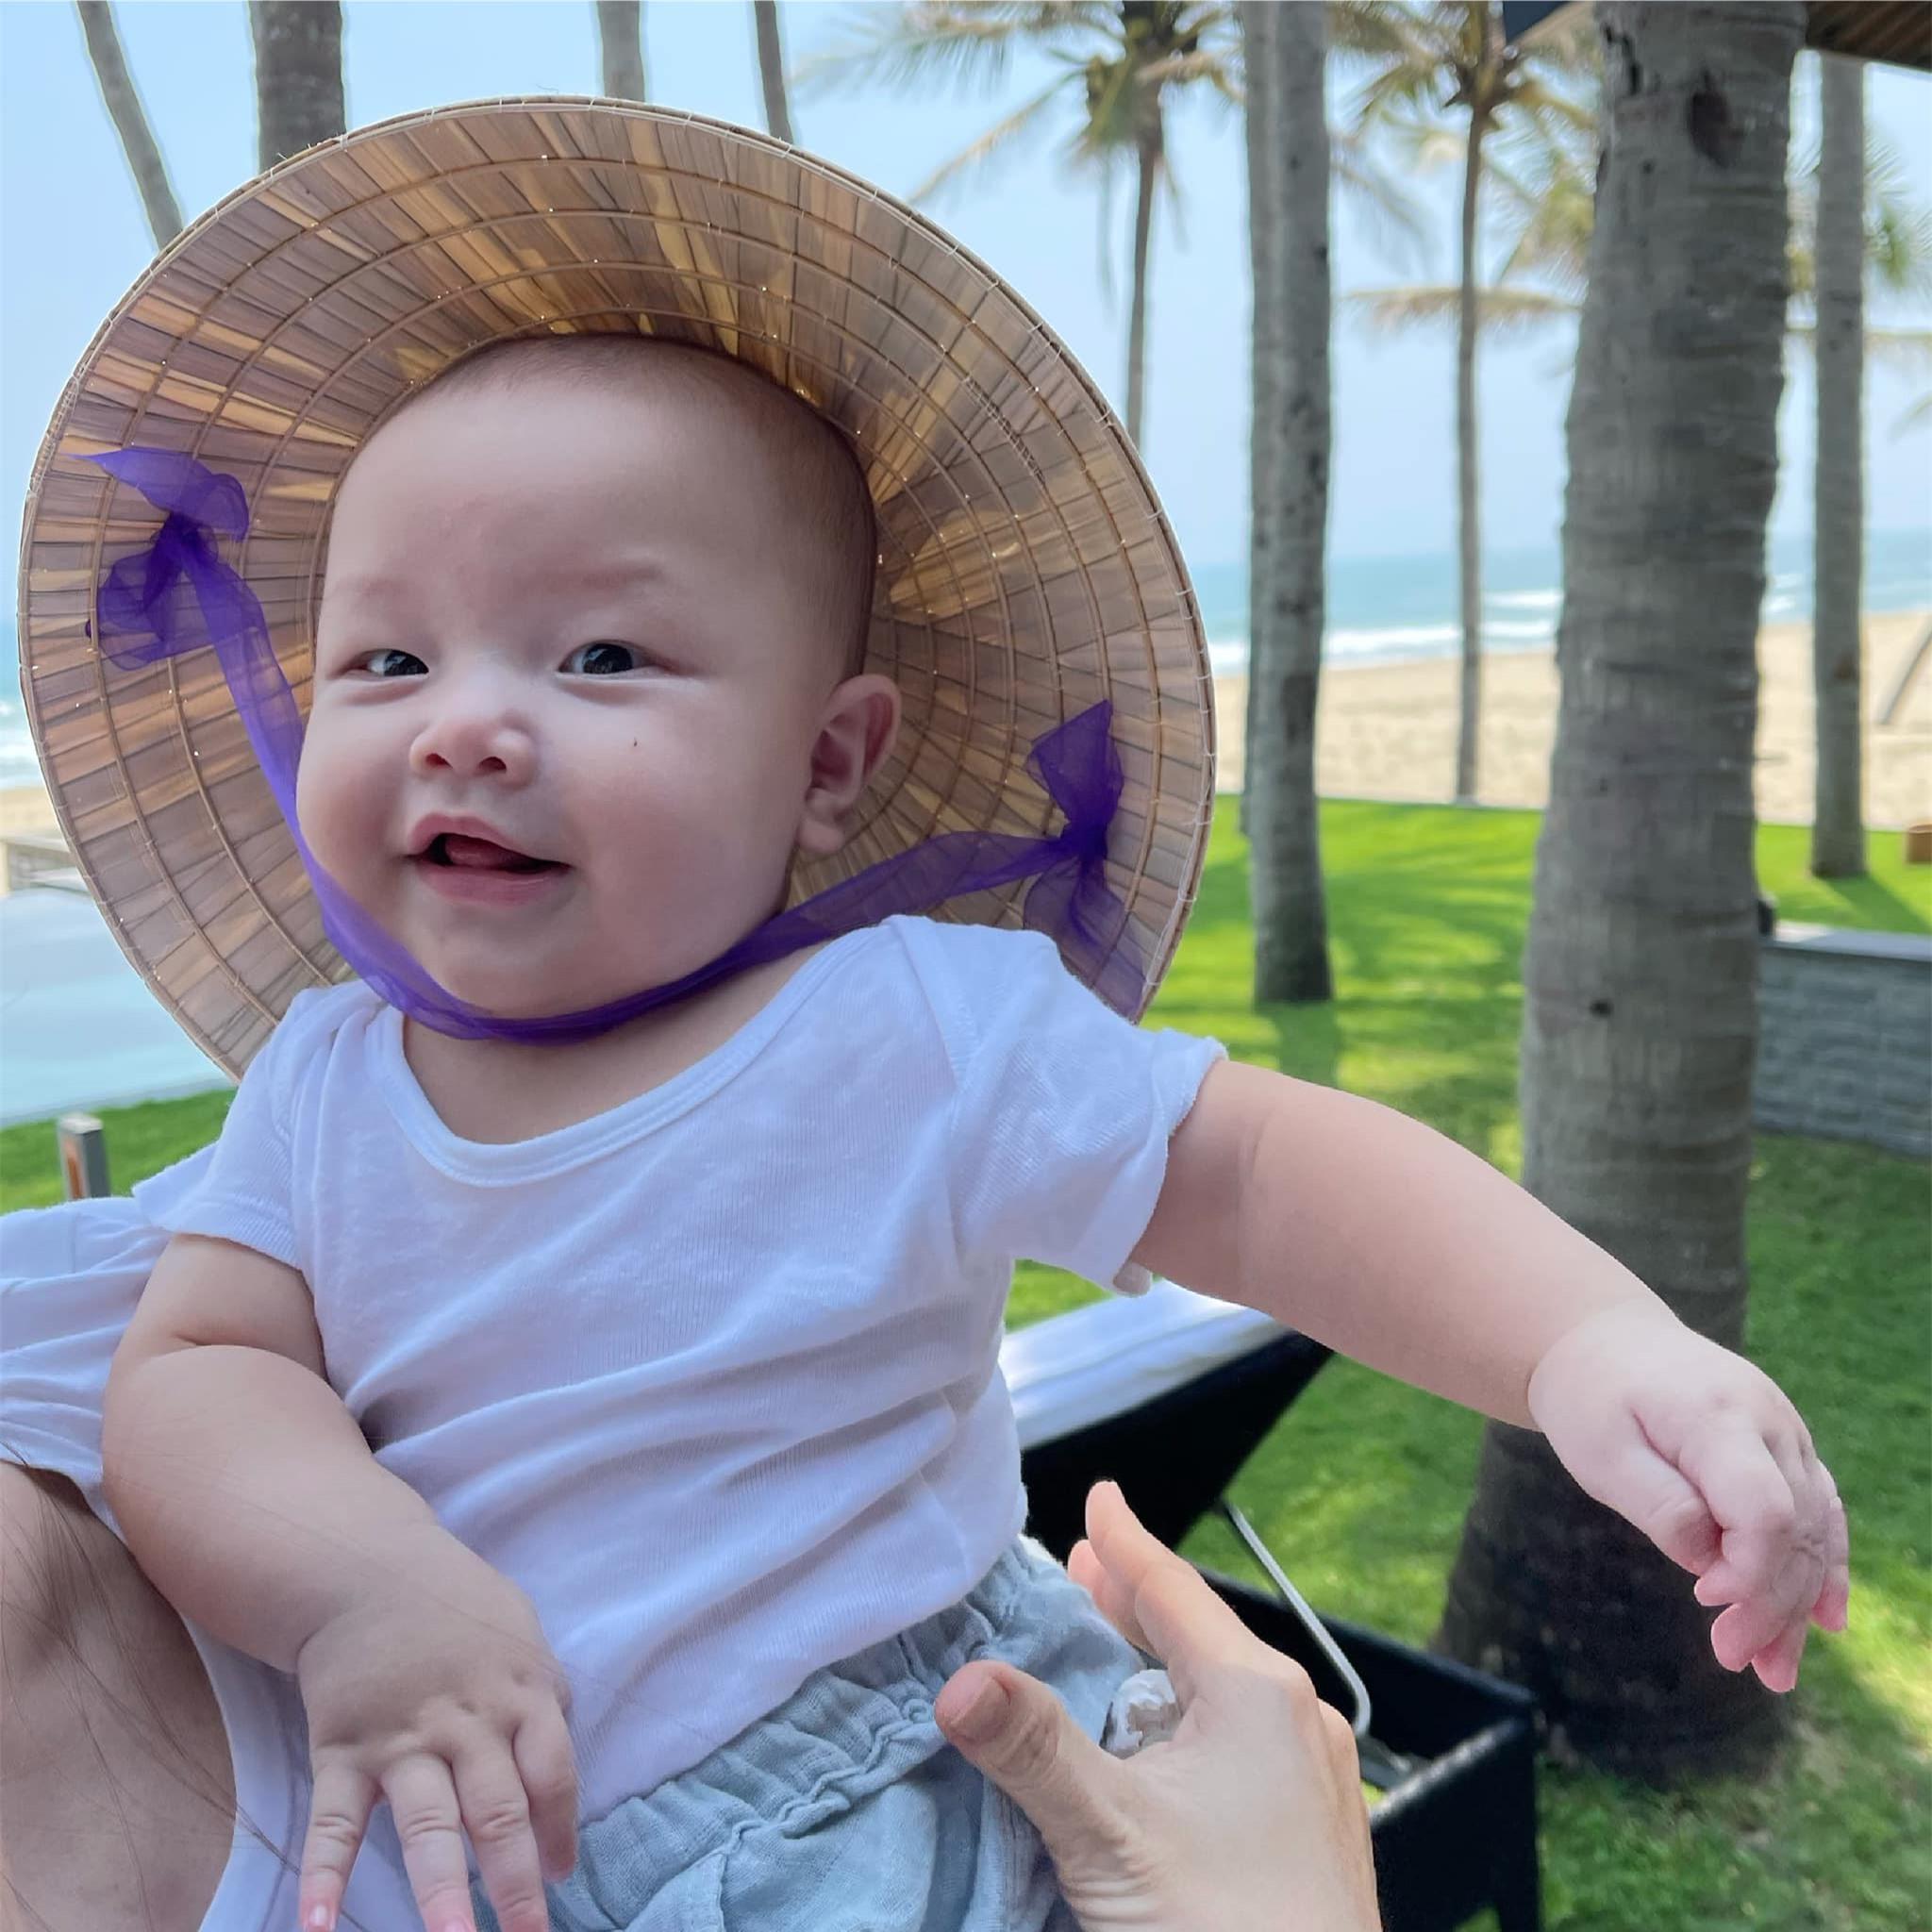 Biểu cảm hài hước của con trai và con gái Hồ Ngọc Hà khi được mẹ cho đội nón lá - Ảnh 1.